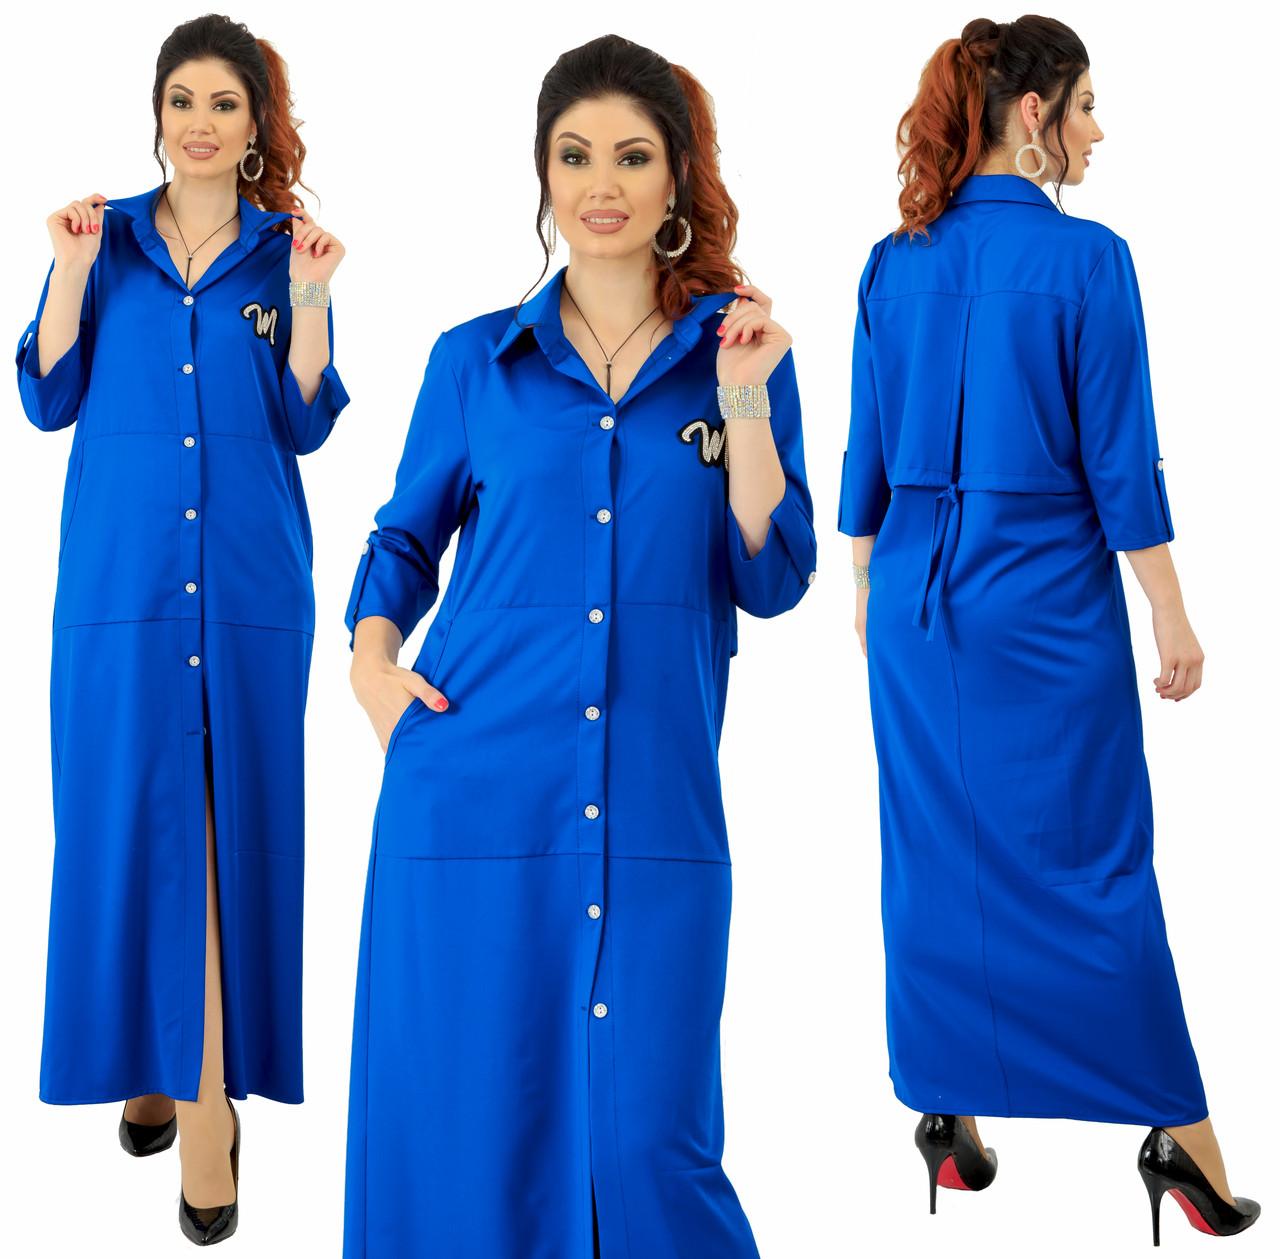 Длинное платье рубашка больших размеров 48+  с карманами / 4 цвета арт 6341-92